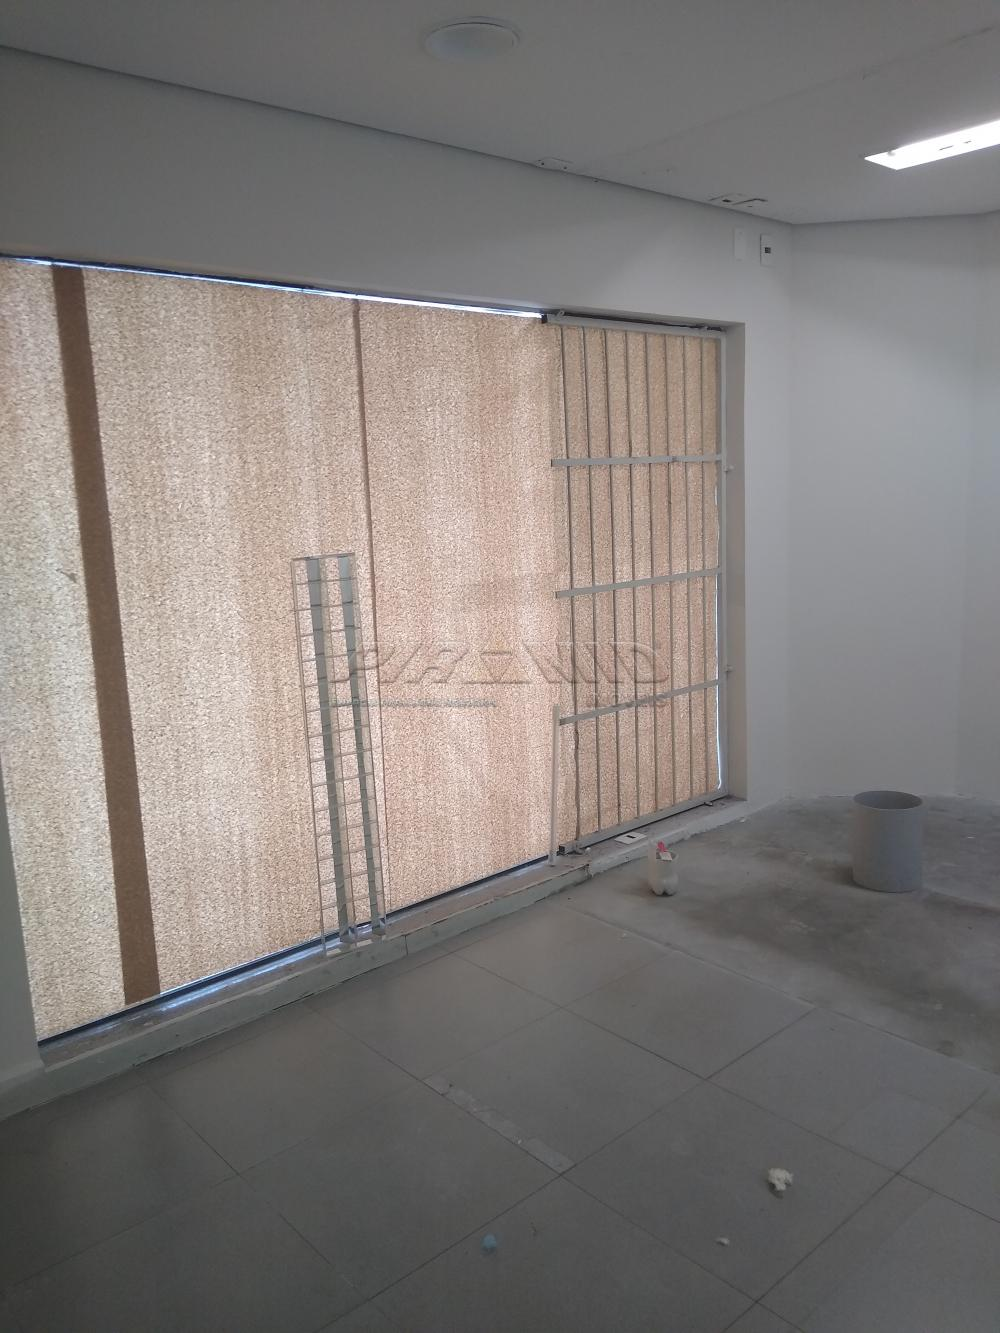 Alugar Comercial / Prédio em Ribeirão Preto apenas R$ 16.000,00 - Foto 23